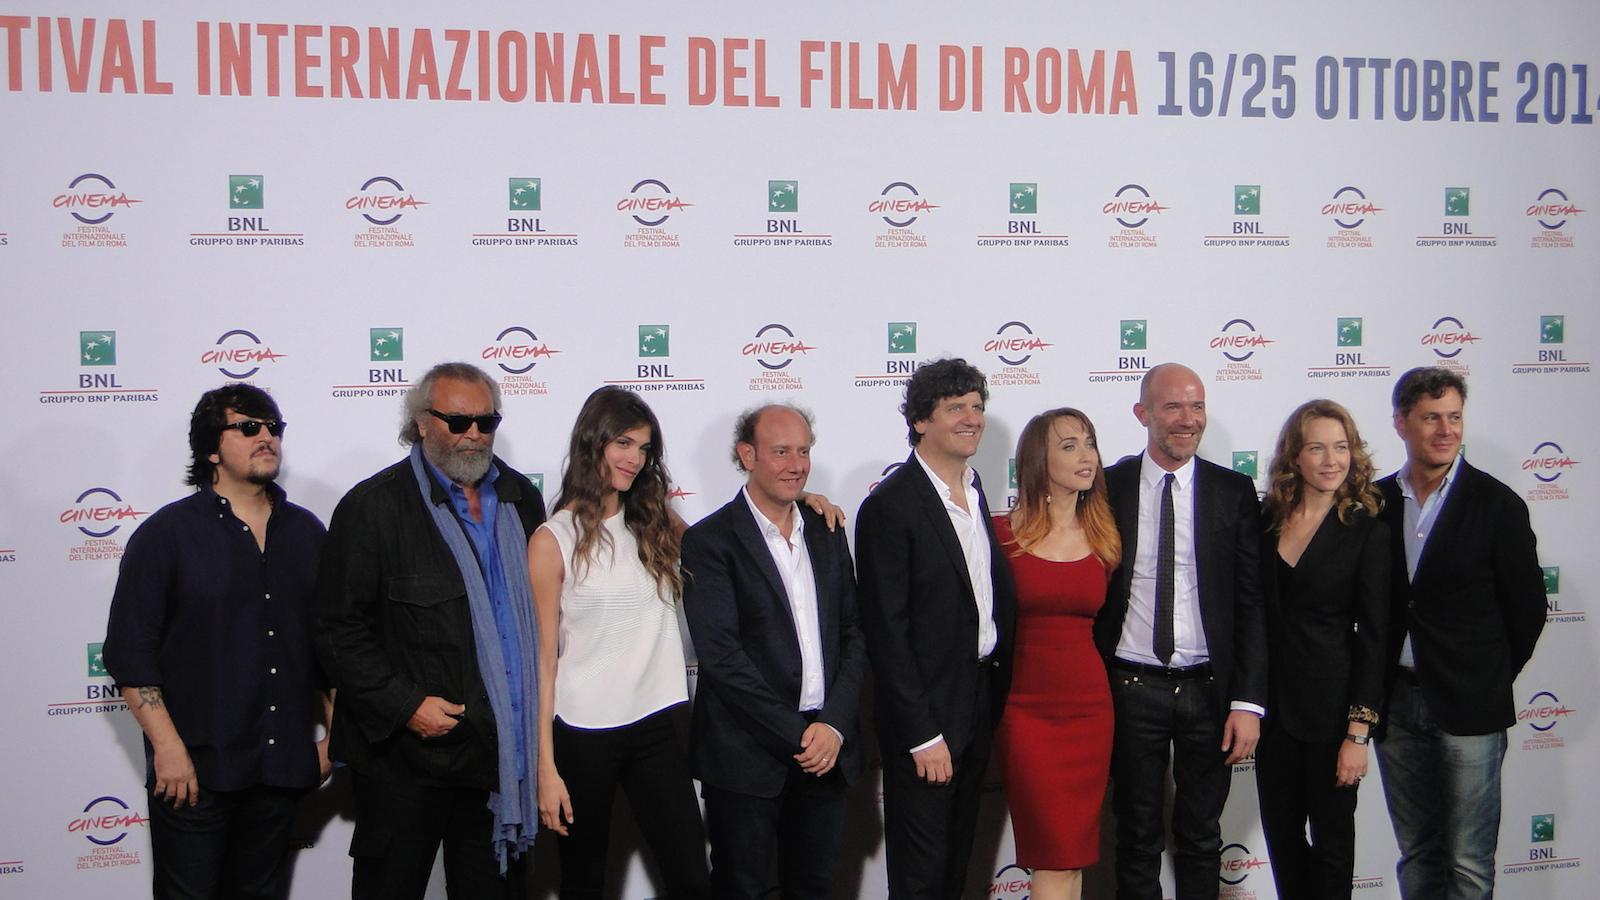 Soap Opera: al photocall di Roma 2014